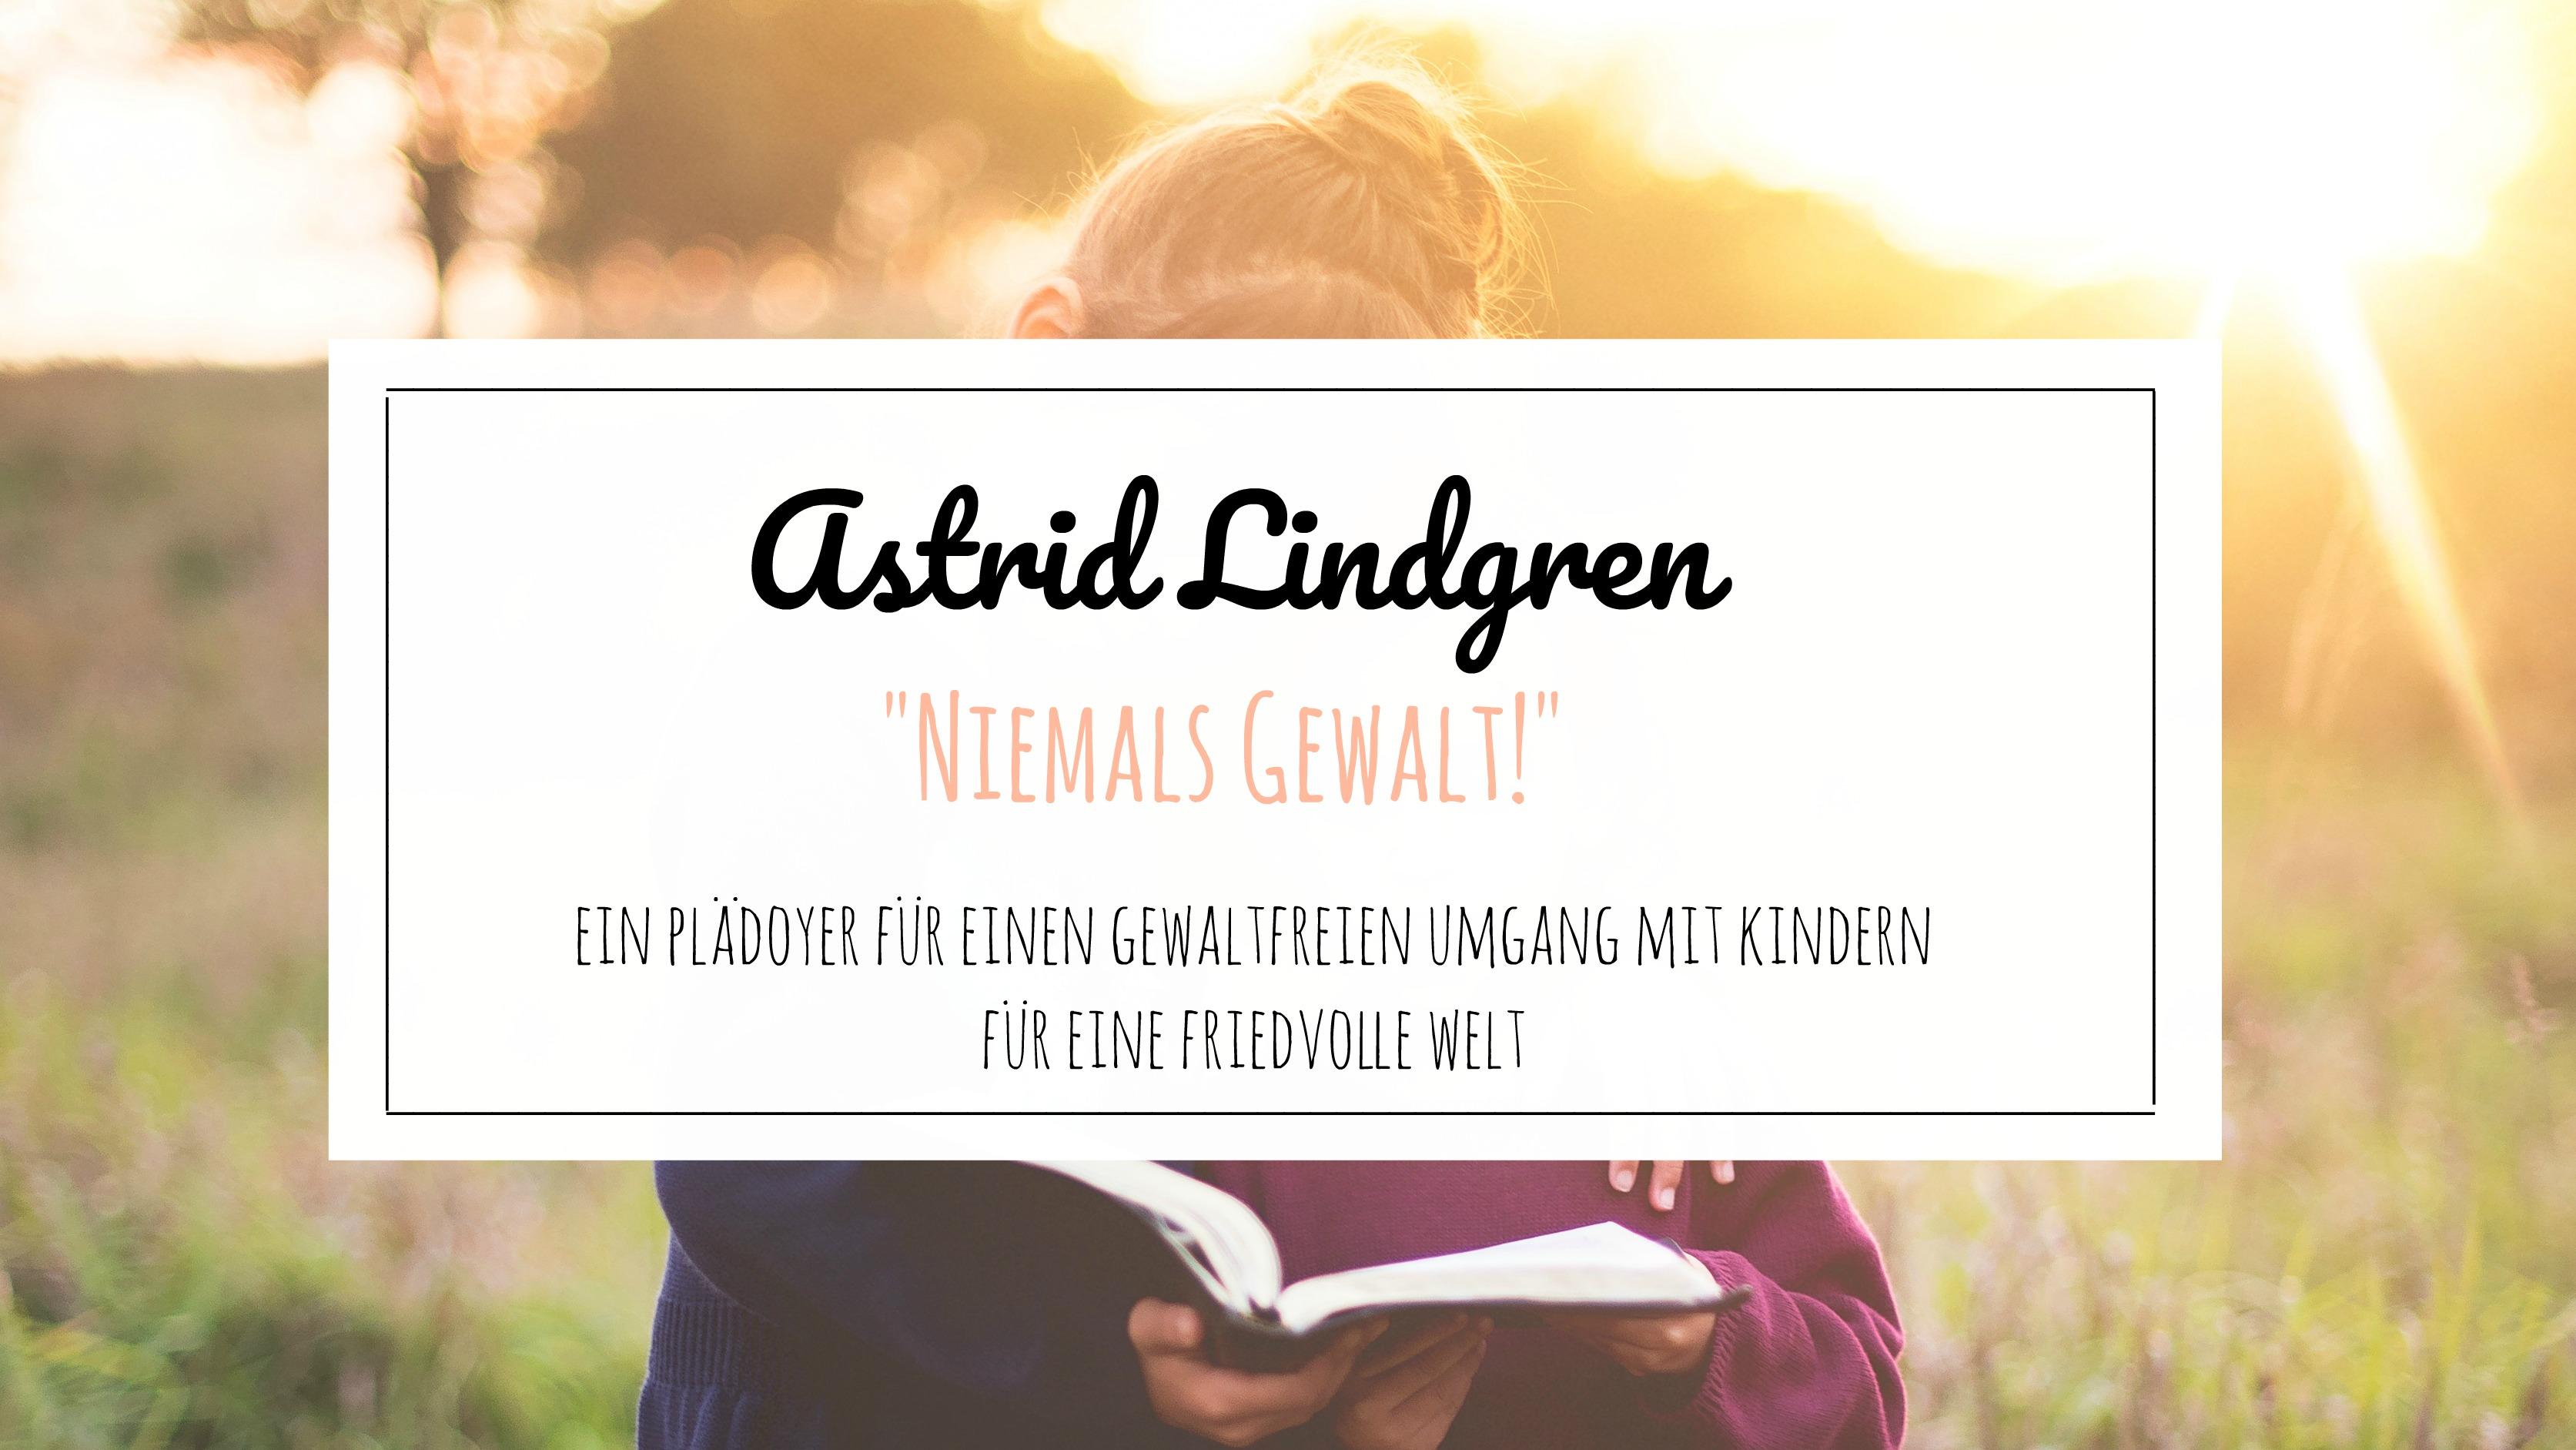 Astrid Lindgren Niemals Gewalt Titelbild - Kinderwärts